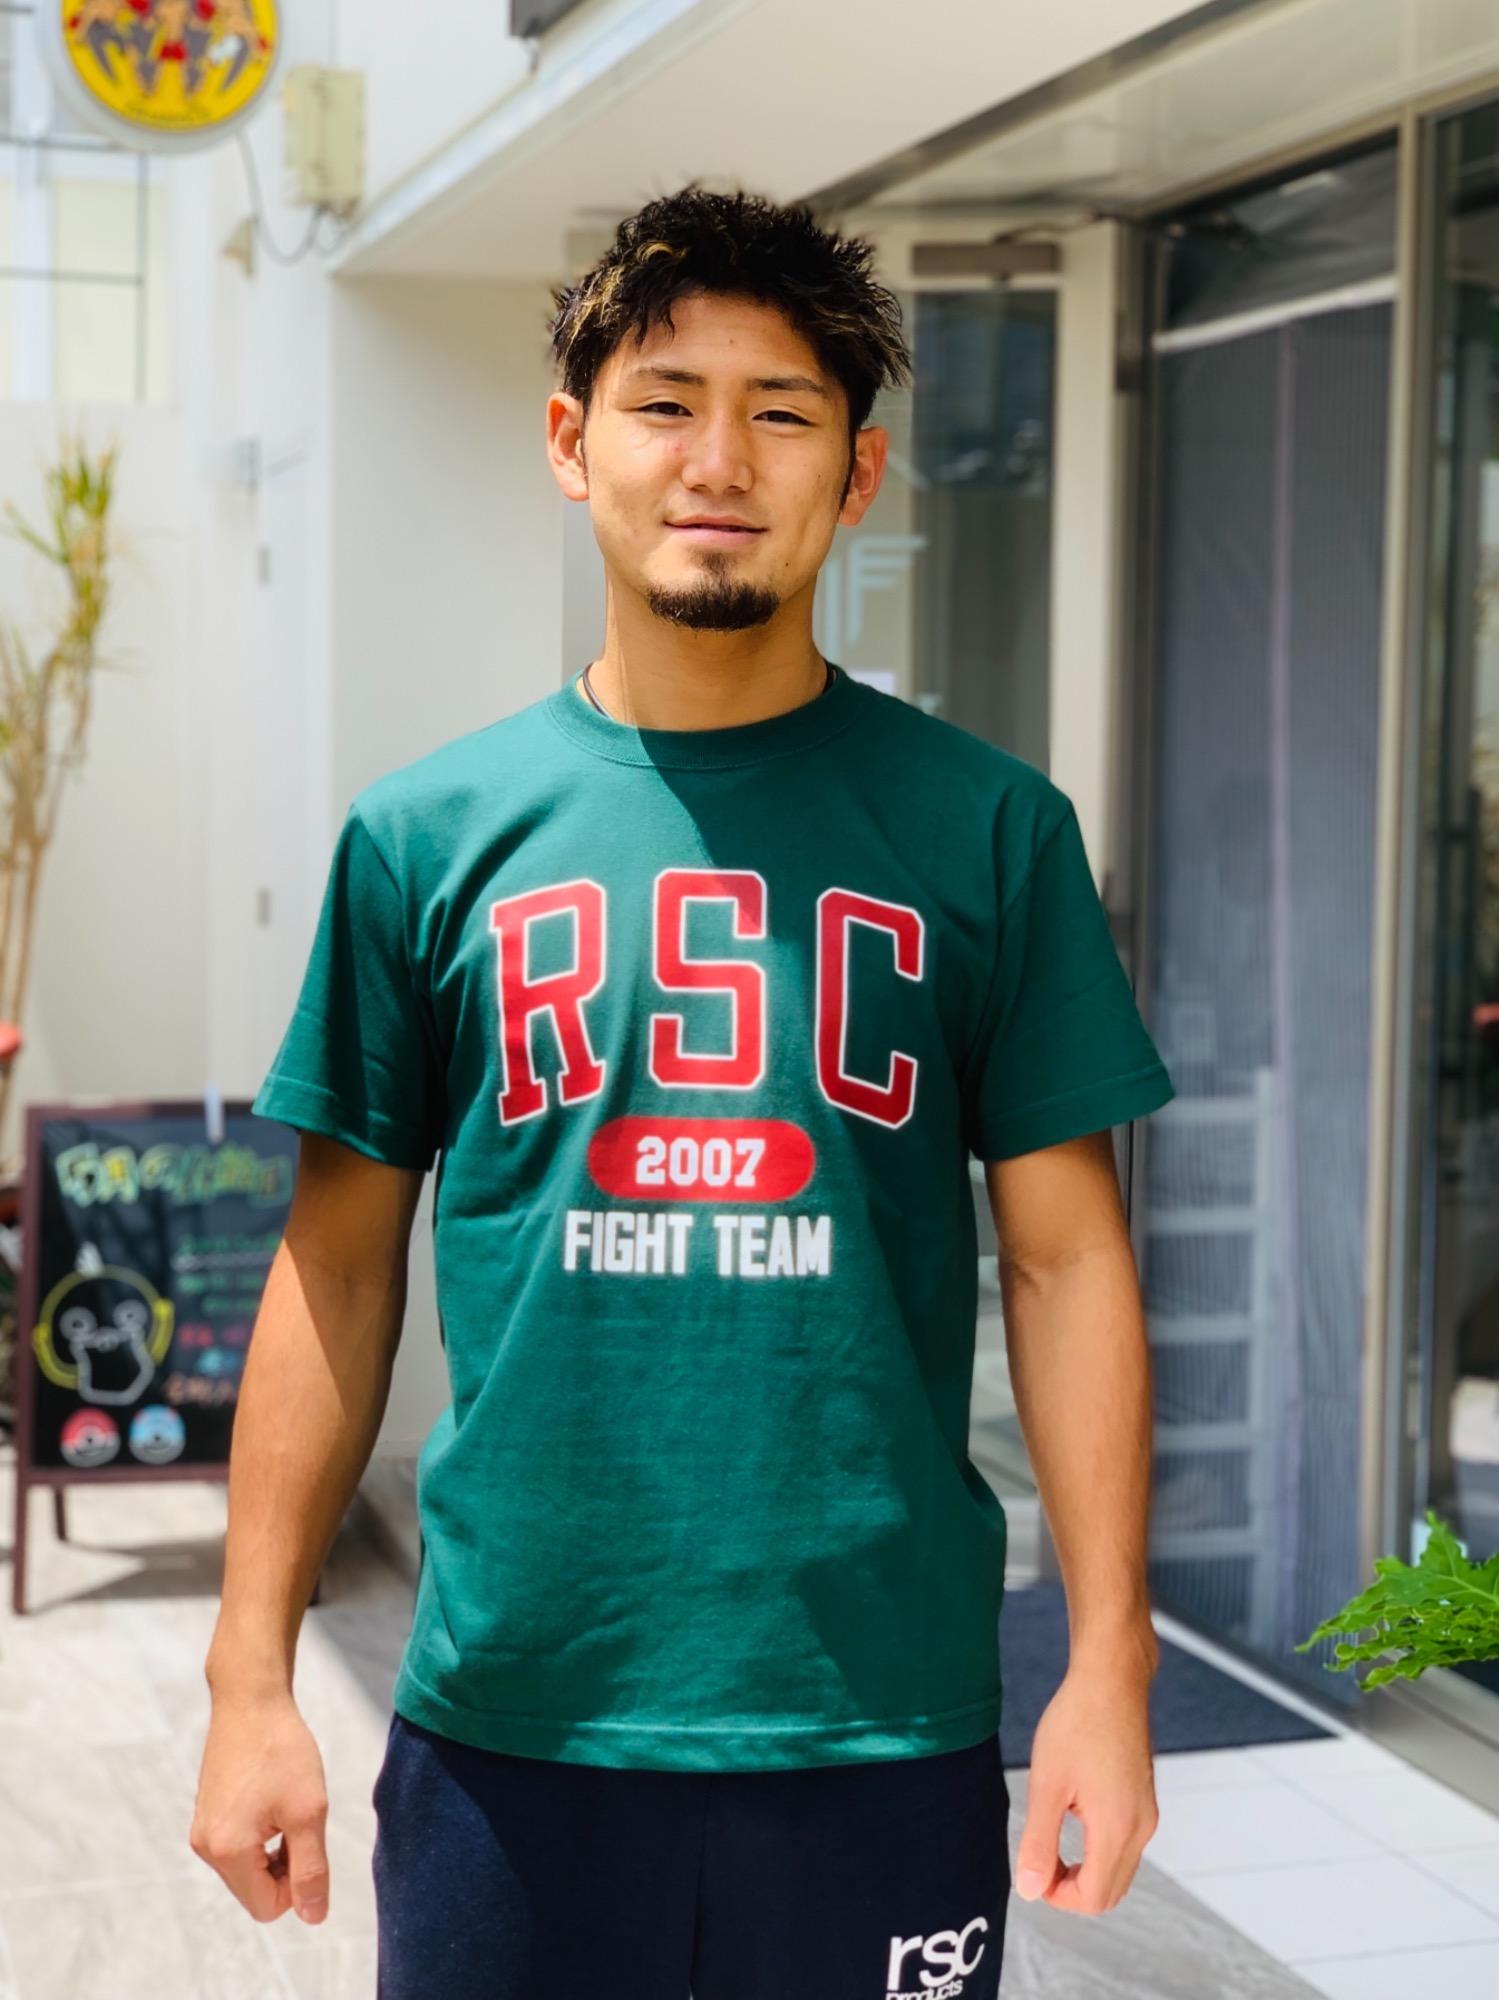 高橋聖人|rsc products公式ウェブサイト